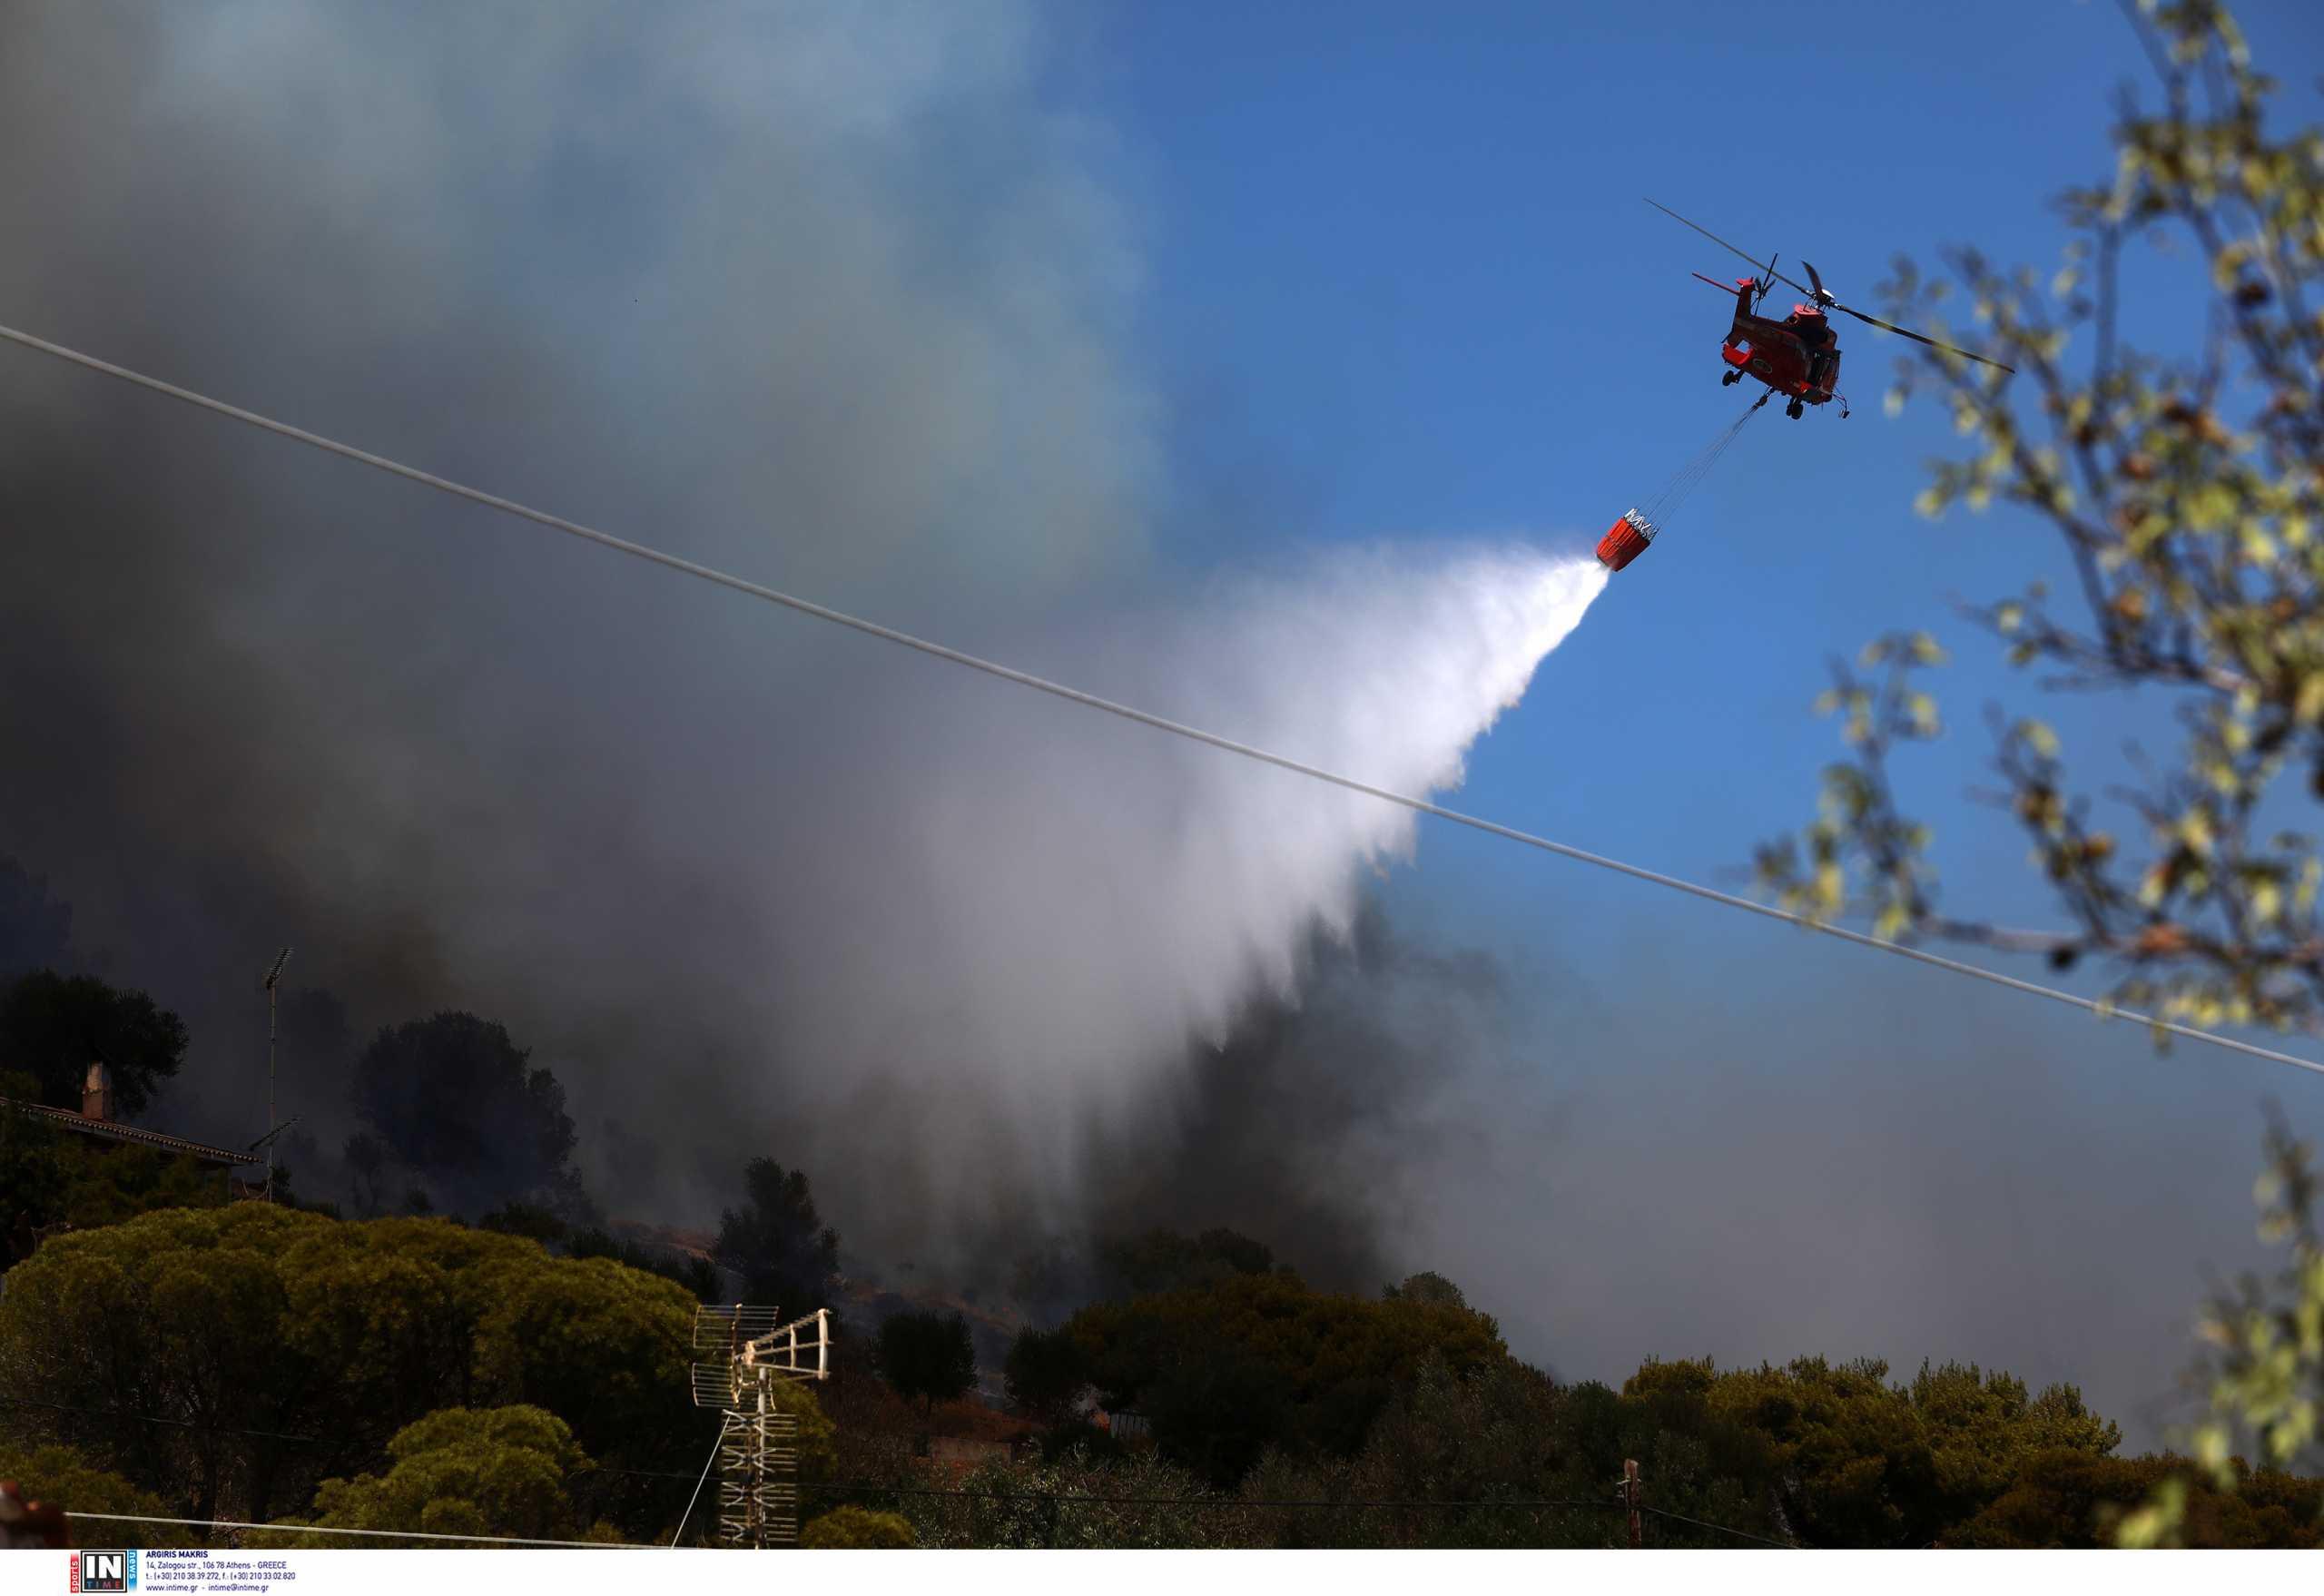 Φωτιά στα Βίλια: Υπάρχουν ενδείξεις εμπρησμού, λέει ο Δήμαρχος Μάνδρας